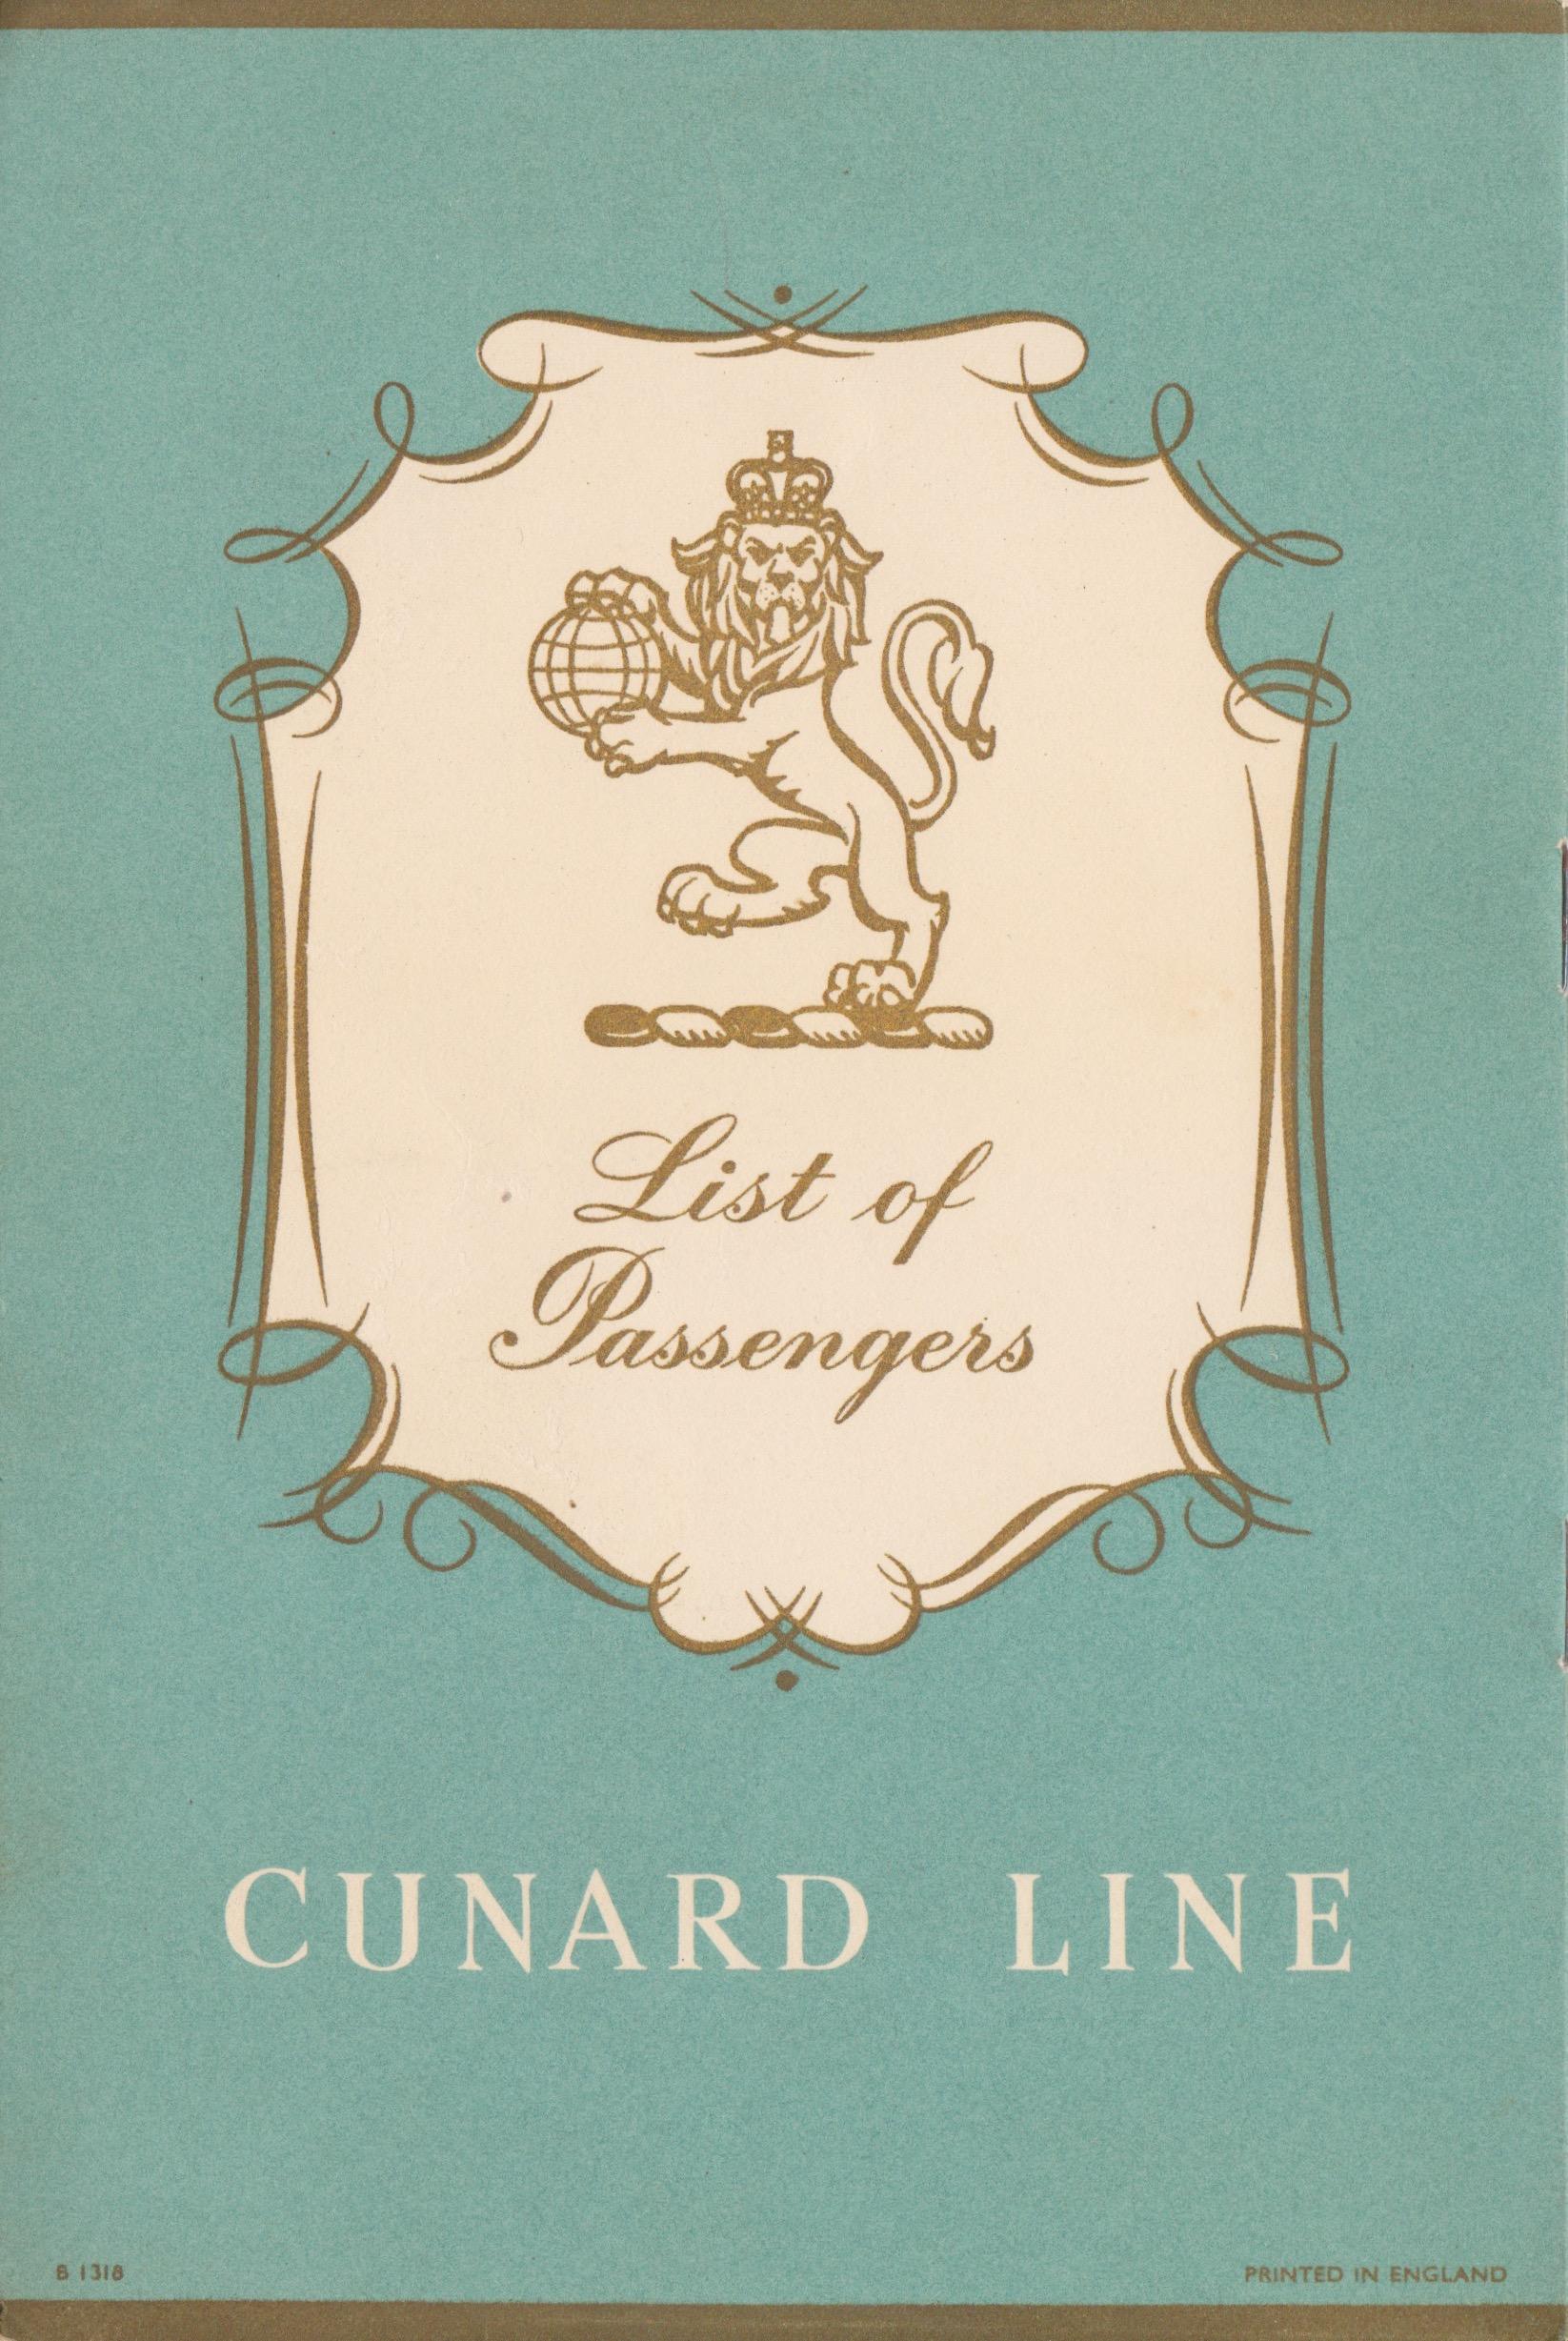 Cunard Programs 9-List of passengers.jpeg